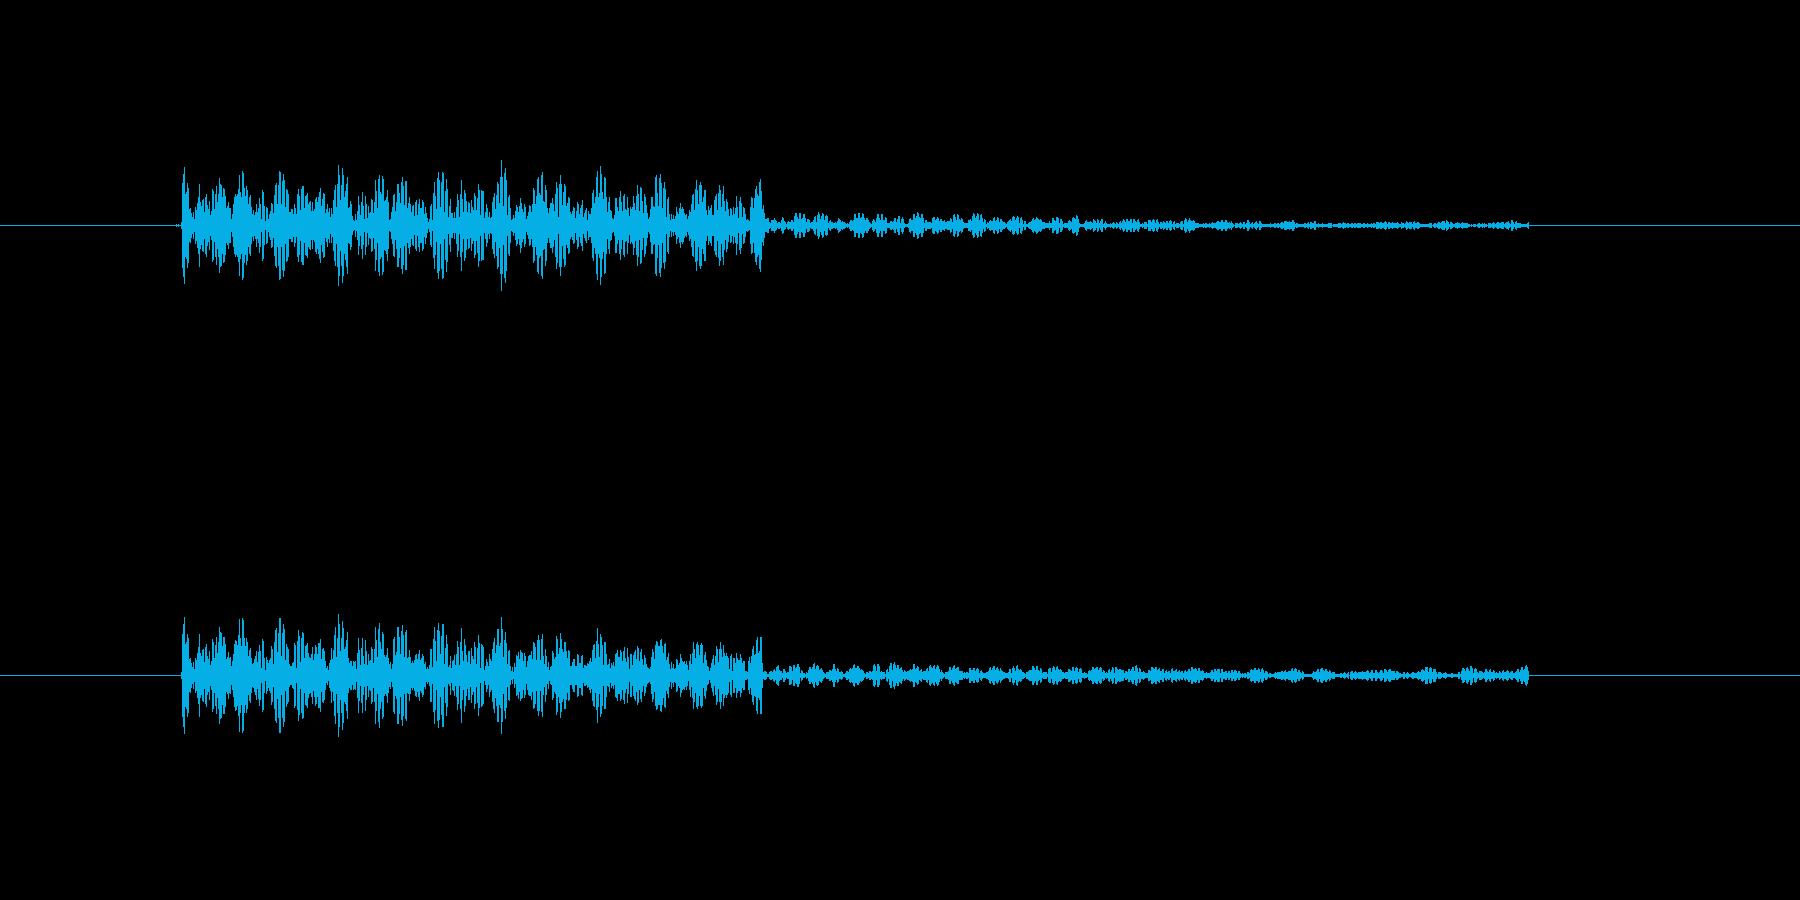 ポンと鳴る暗くてかわいい効果音の再生済みの波形